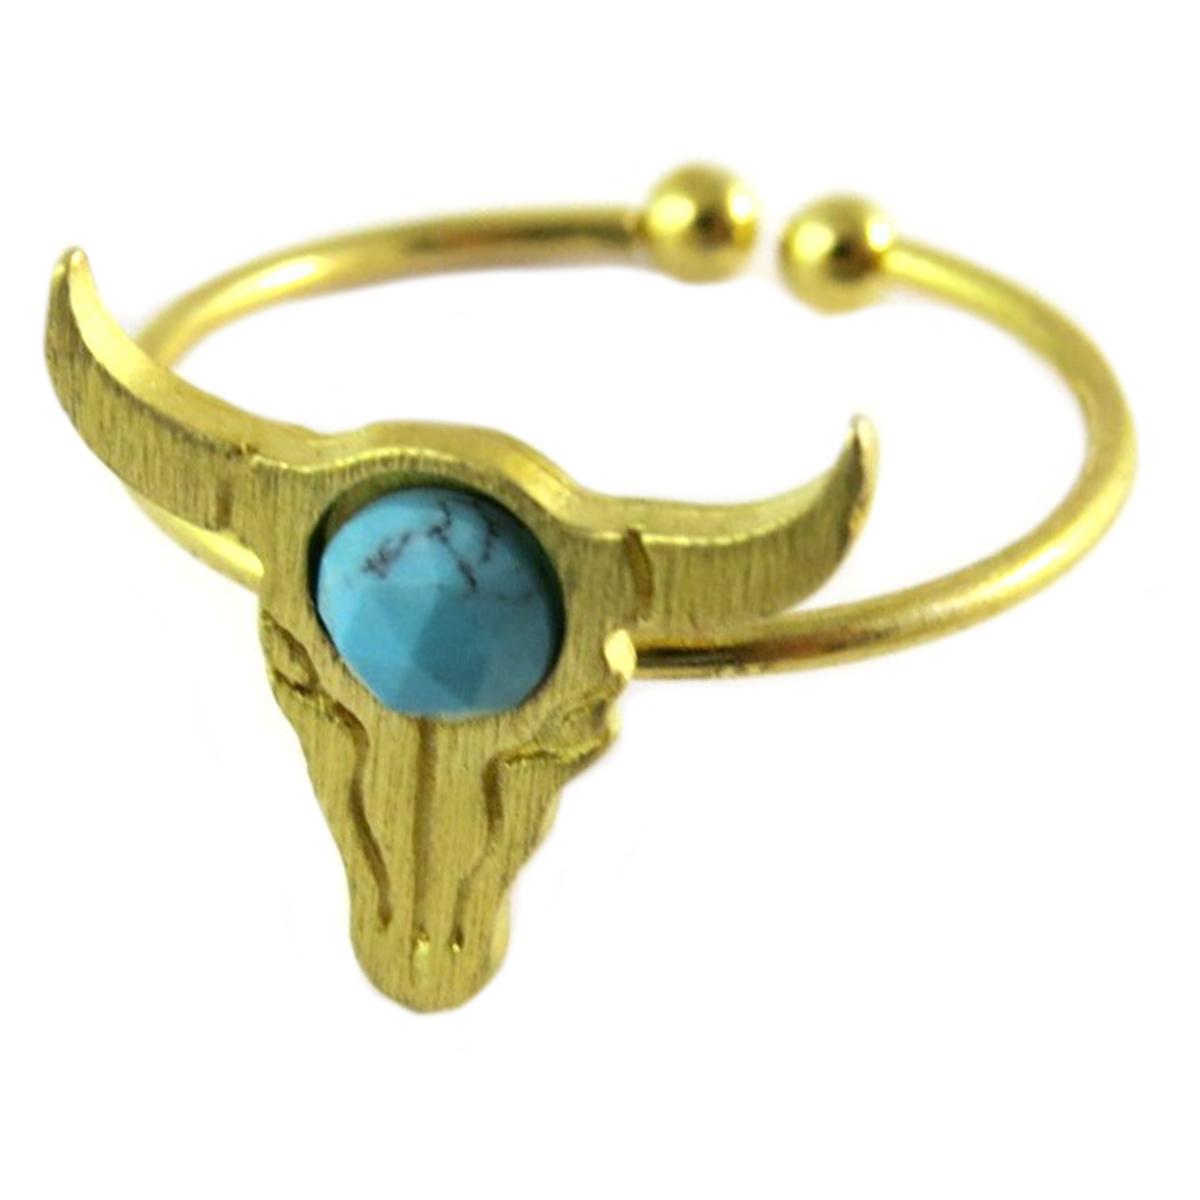 Bague artisanale \'Boho\' turquoise doré (crâne de bison)- 14x13 mm - [Q1474]